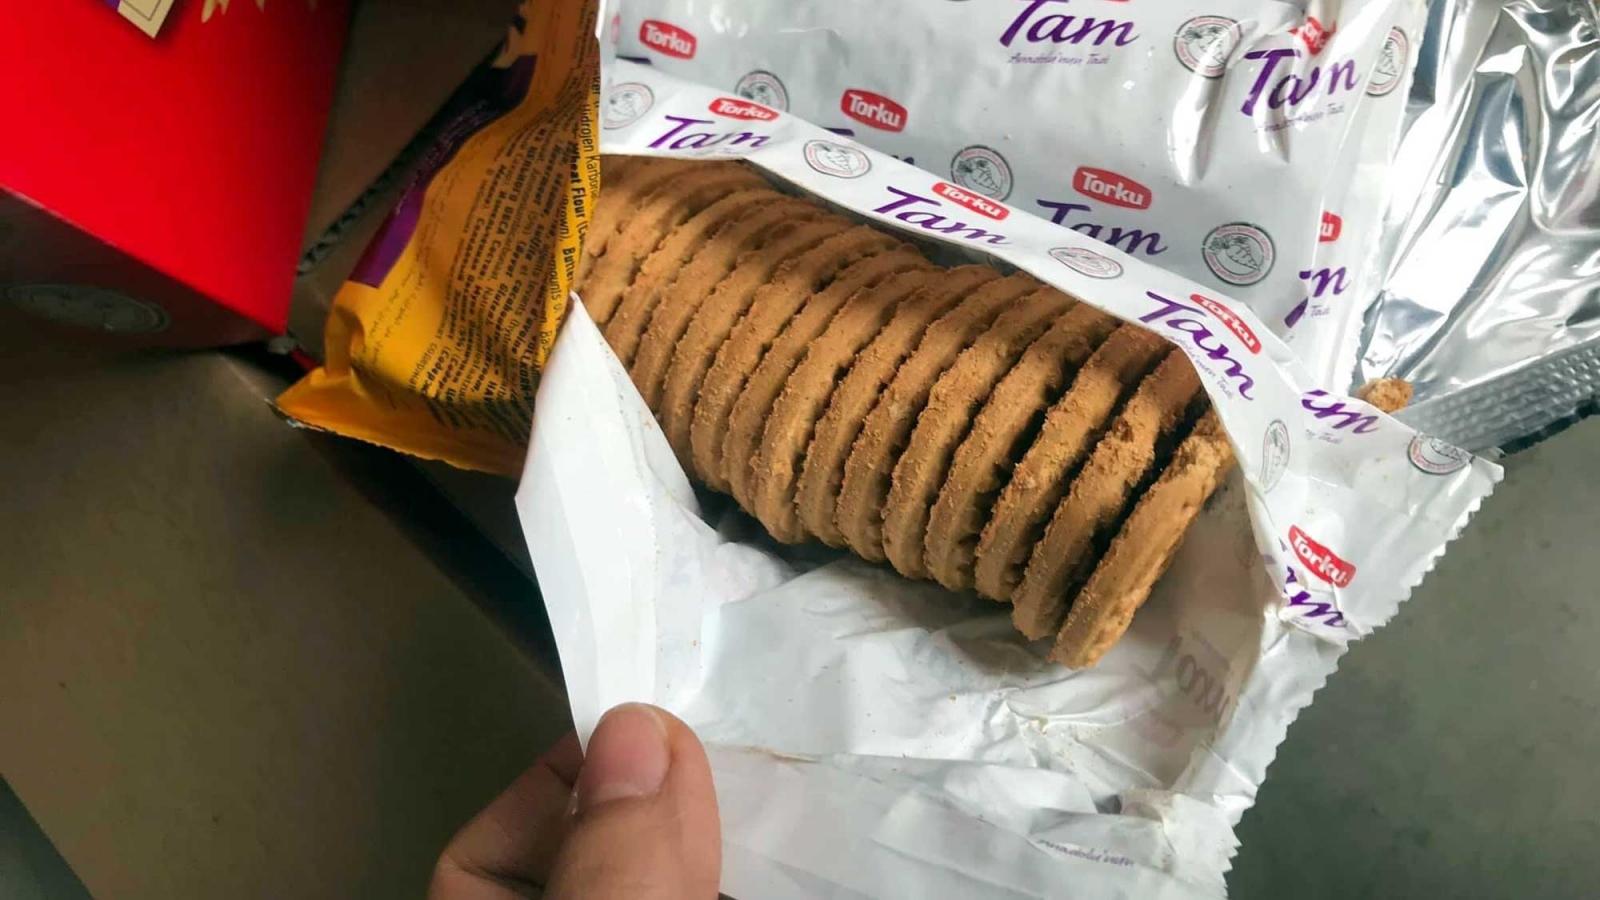 """Thu giữ hơn 3 tấn bánh quy ngoại đang được """"gia hạn sử dụng"""""""